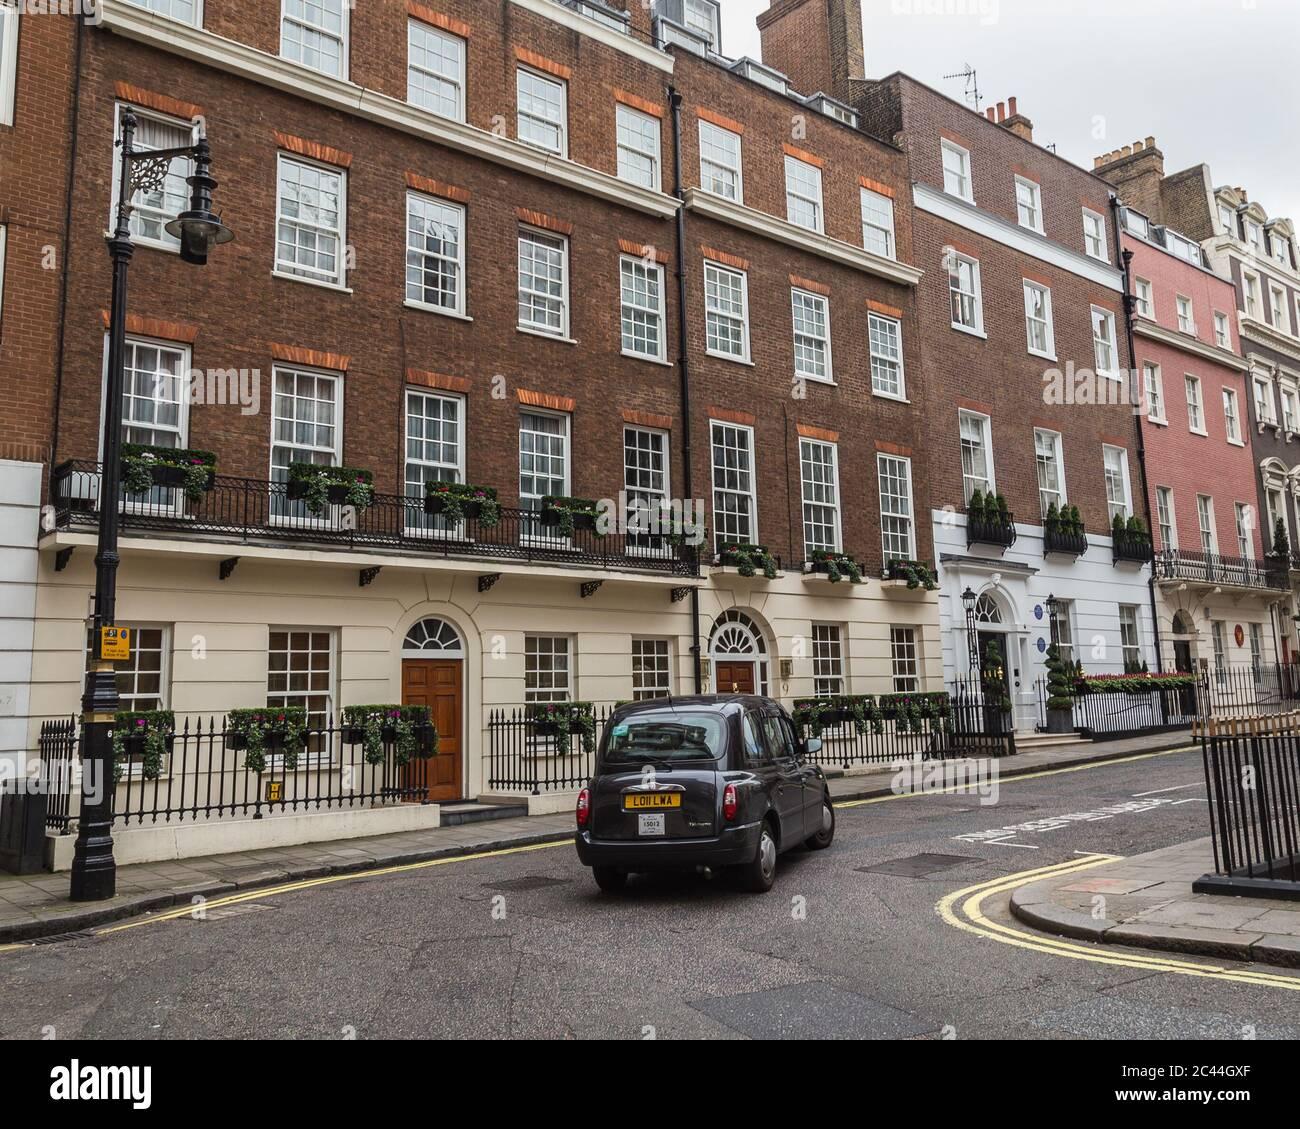 LONDRA, UK - 8 OTTOBRE 2016: L'esterno dell'architettura a Mayfair Londra durante il giorno. Foto Stock